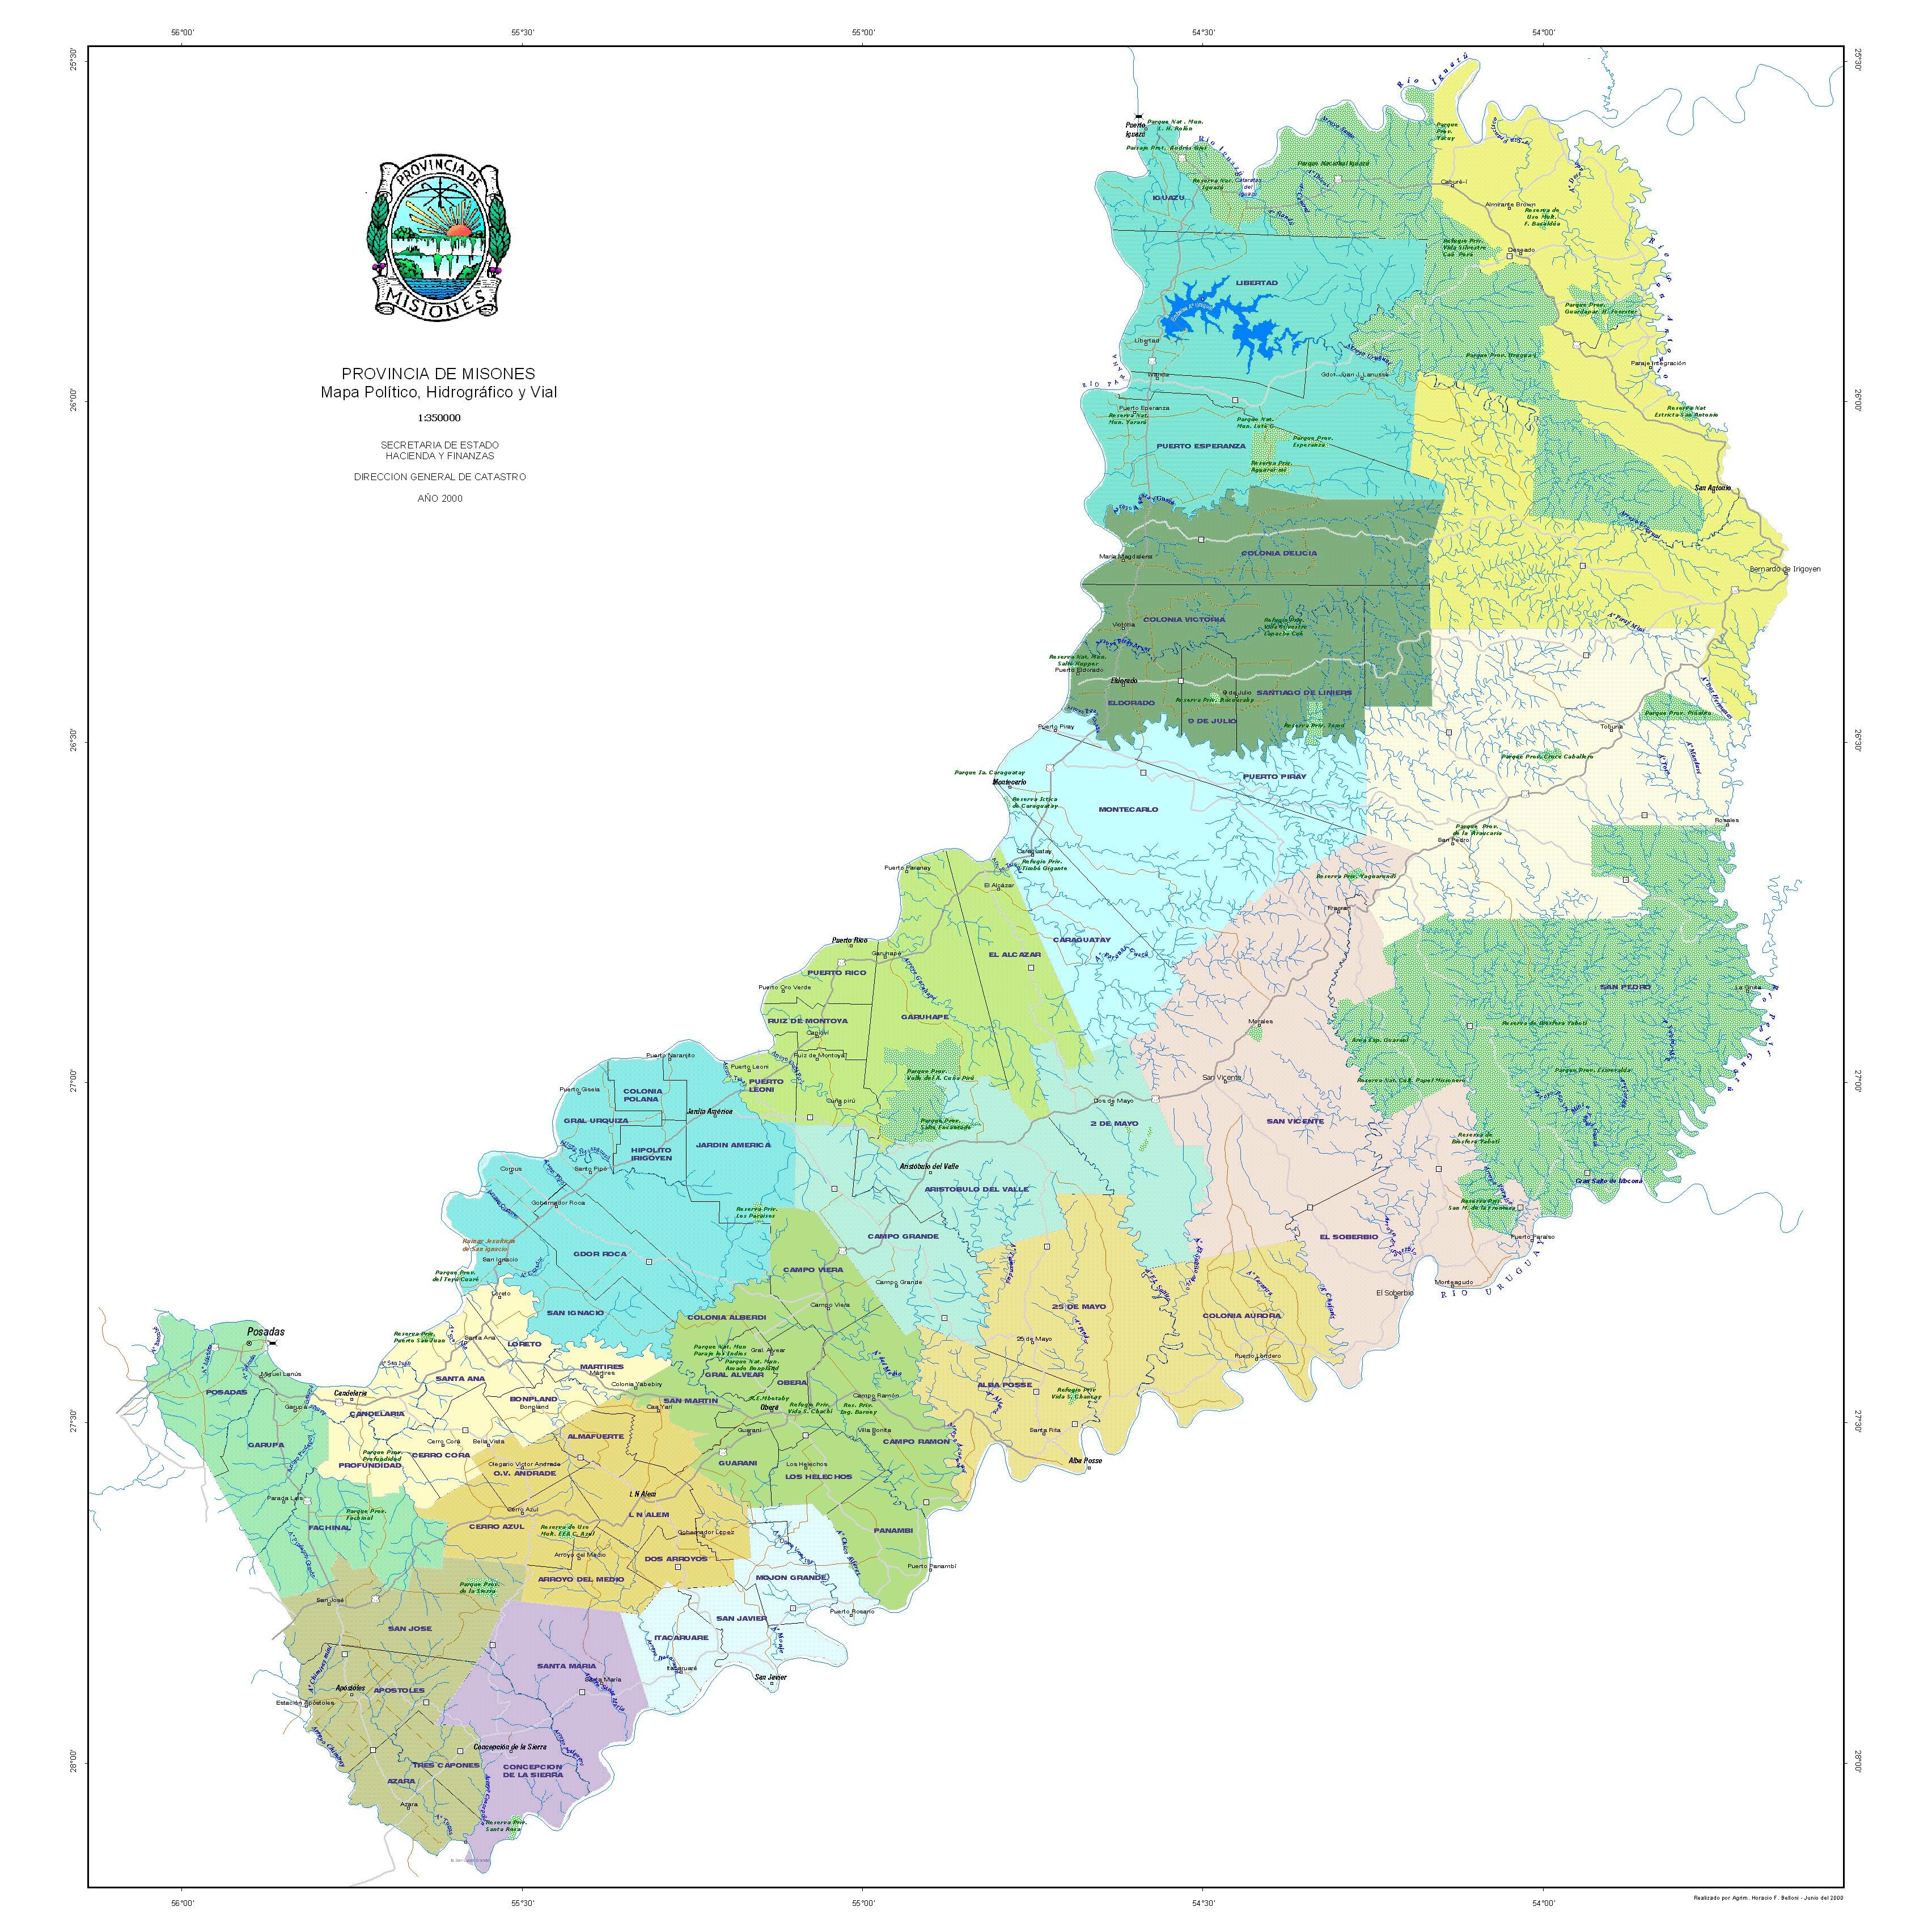 Mapa Politico, Vial e Hidrografico, Provincia Misiones, Argentina